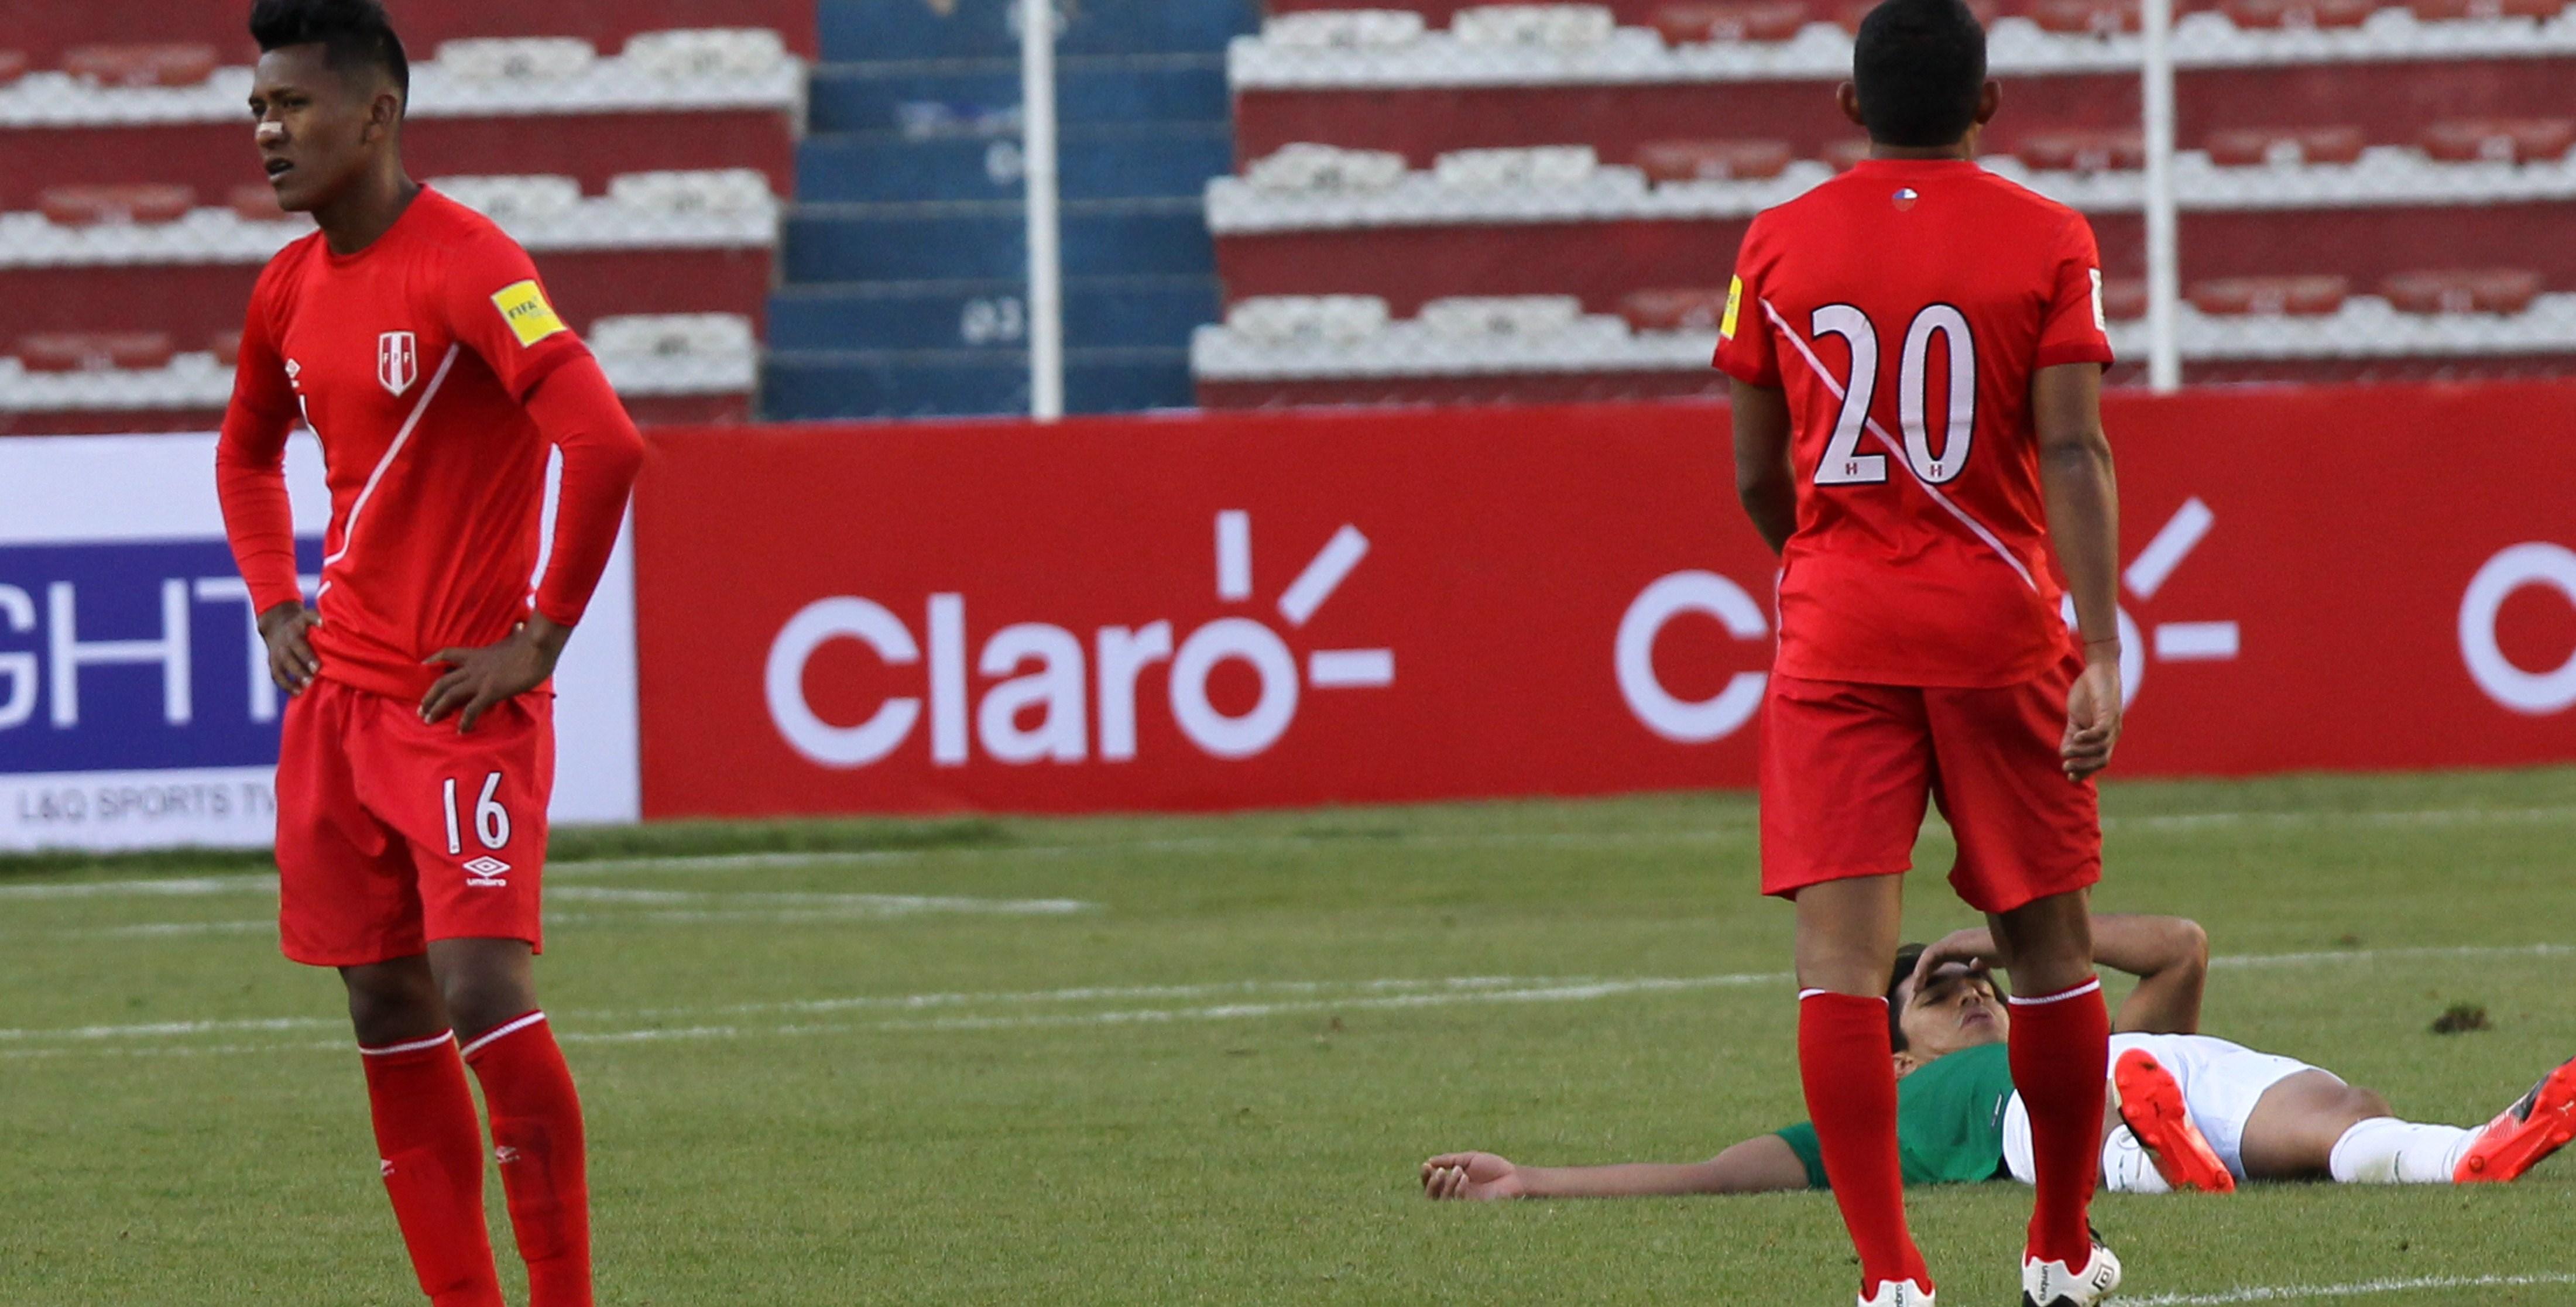 BOL28. LA PAZ (BOLIVIA), 01/09/2016.- Jugadores de Perú se lamentan tras perder con Bolivia hoy, jueves 1 de septiembre de 2016, durante un partido por las por las eliminatorias a Rusia 2018, en el Estadio Hernando Siles de La Paz (Bolivia). EFE/MARTÍN ALIPAZ